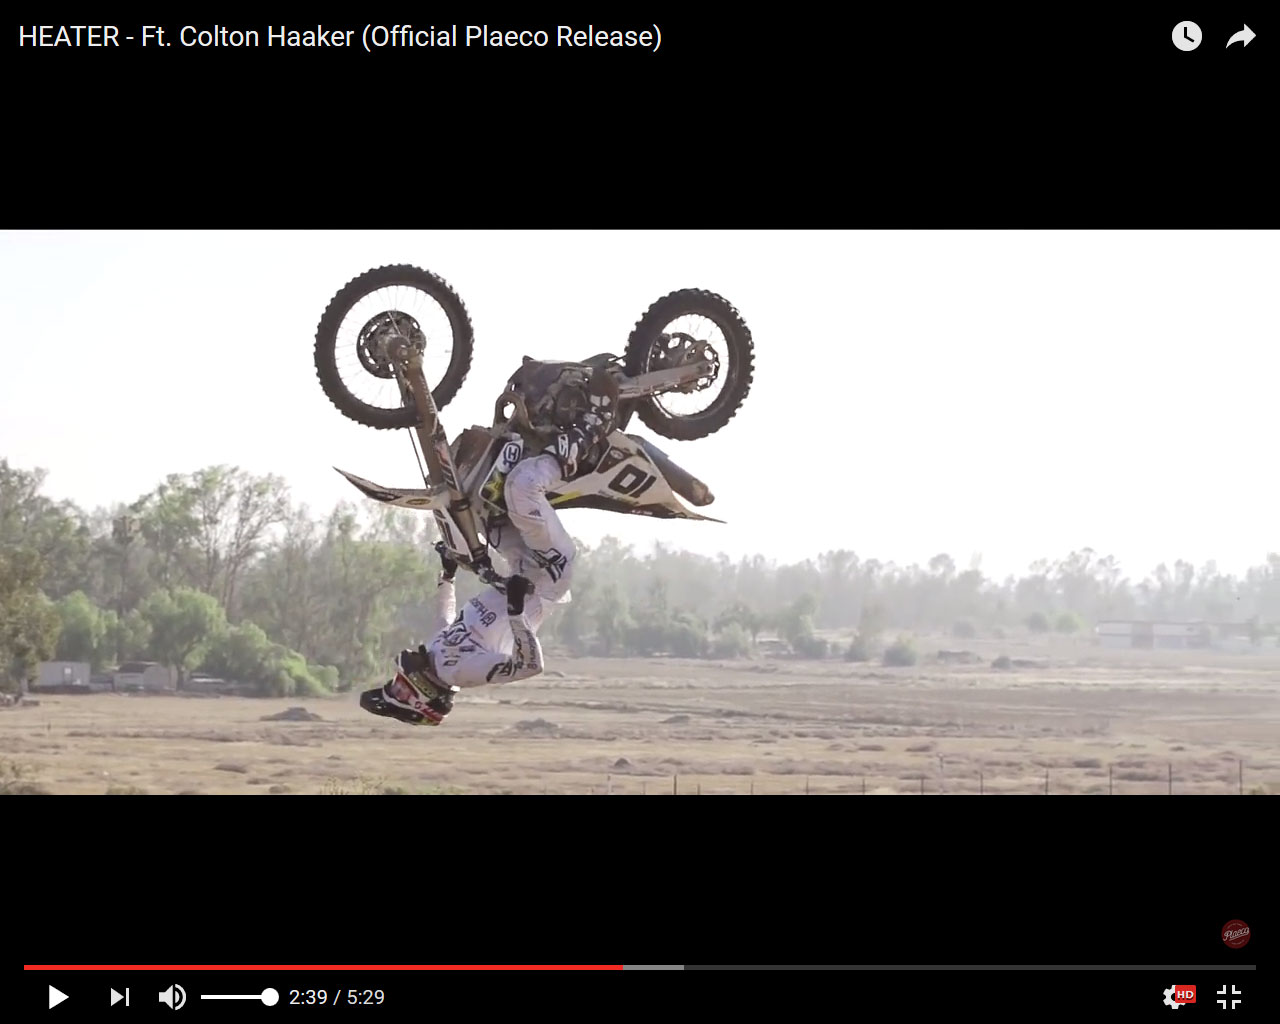 Colton Haaker desbocado en su último vídeo